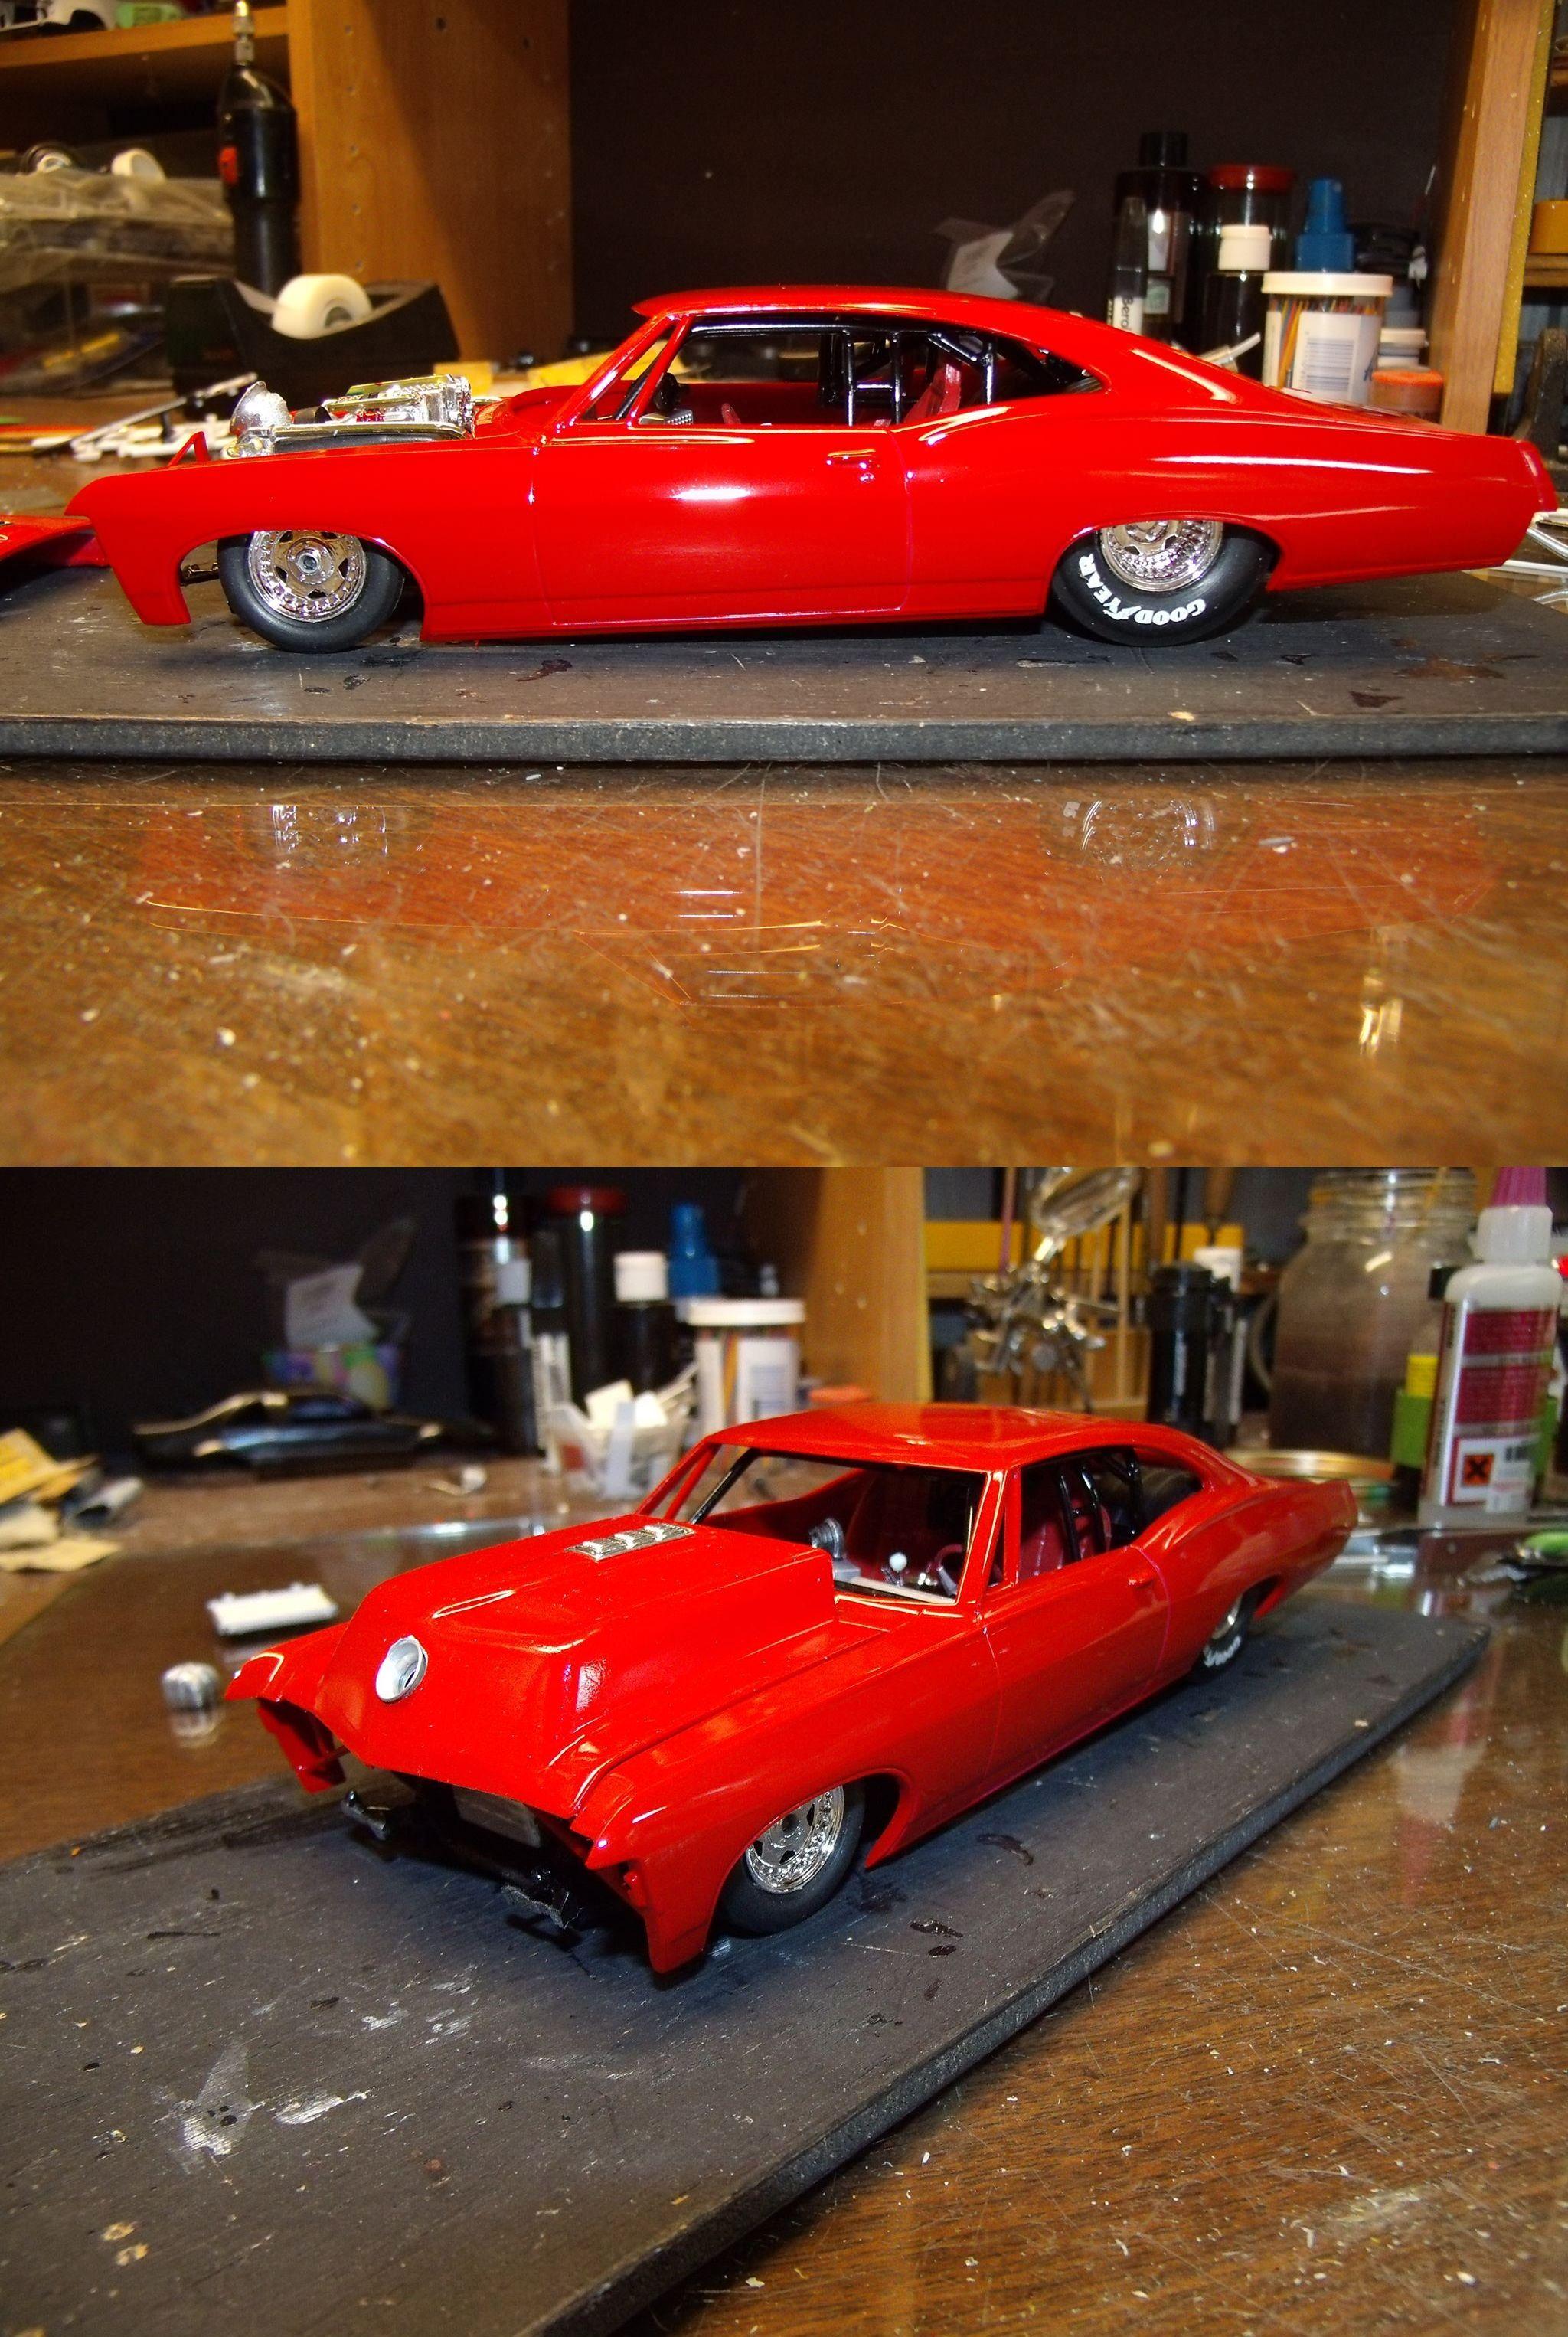 67 chevy impala race car cars models pinterest